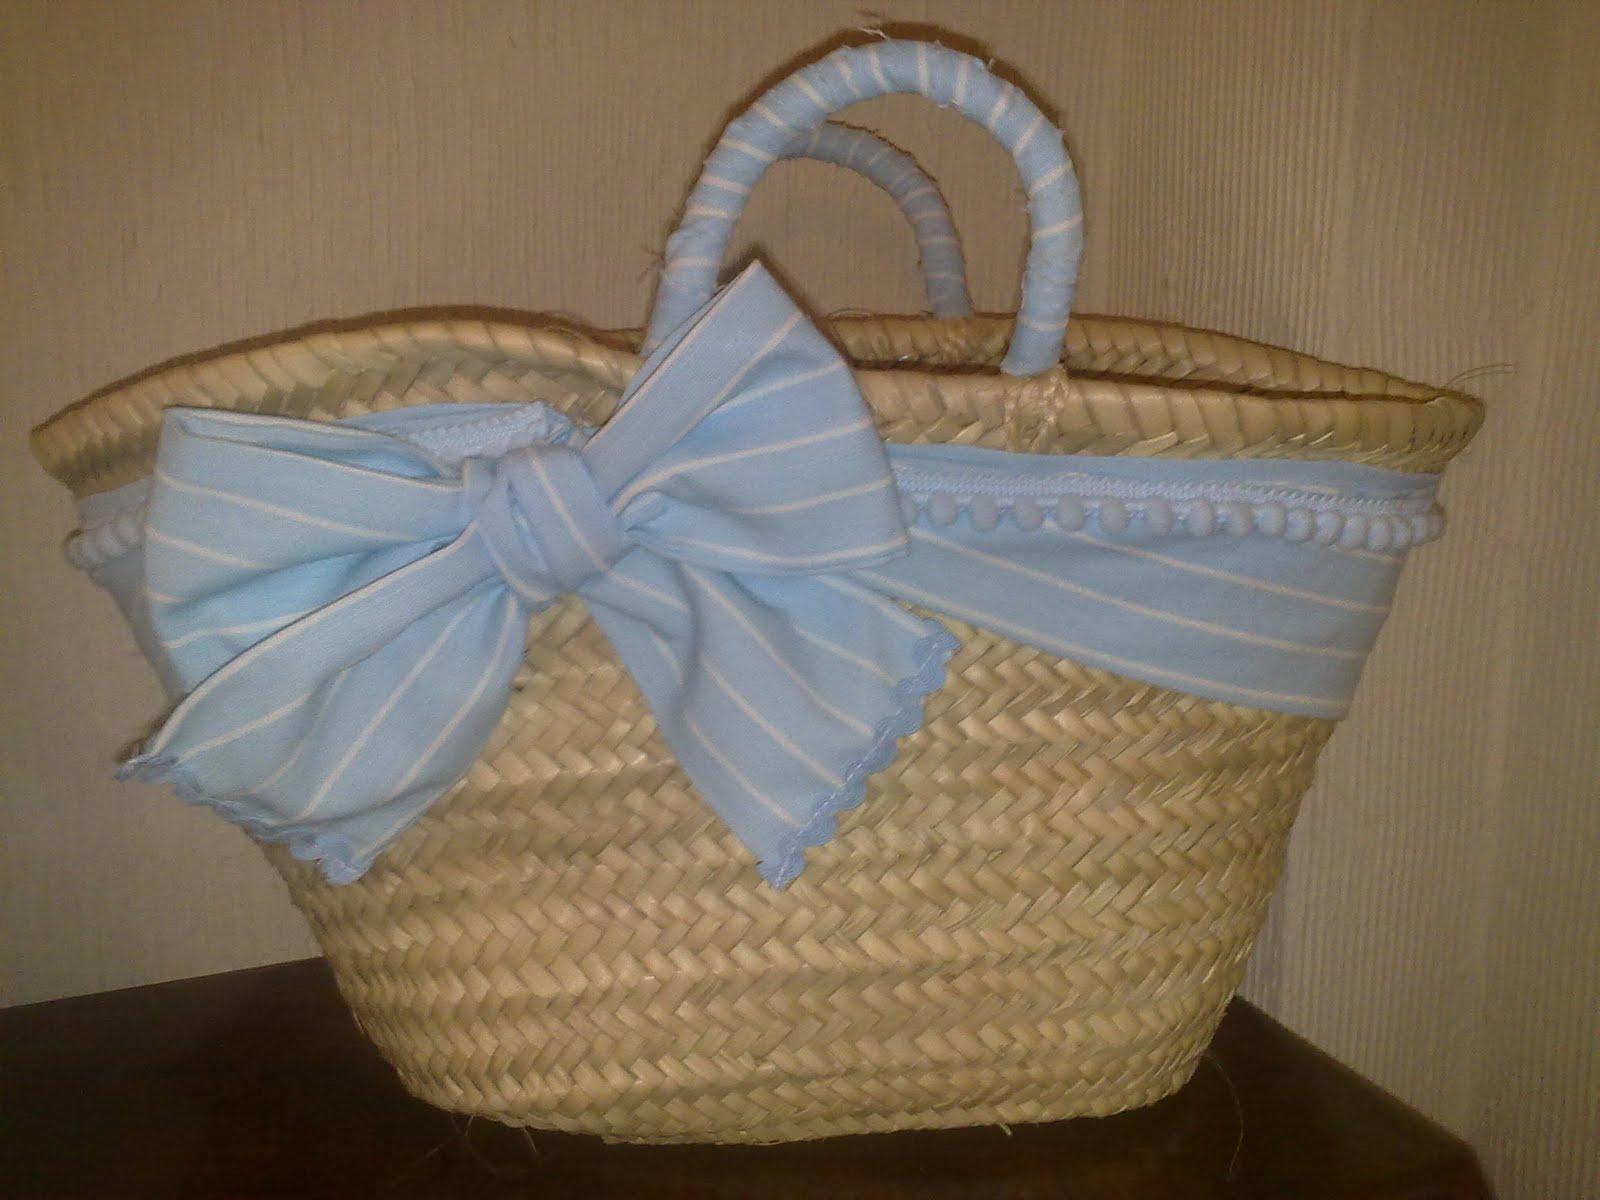 el osito de vichy toalla y cesta de playa